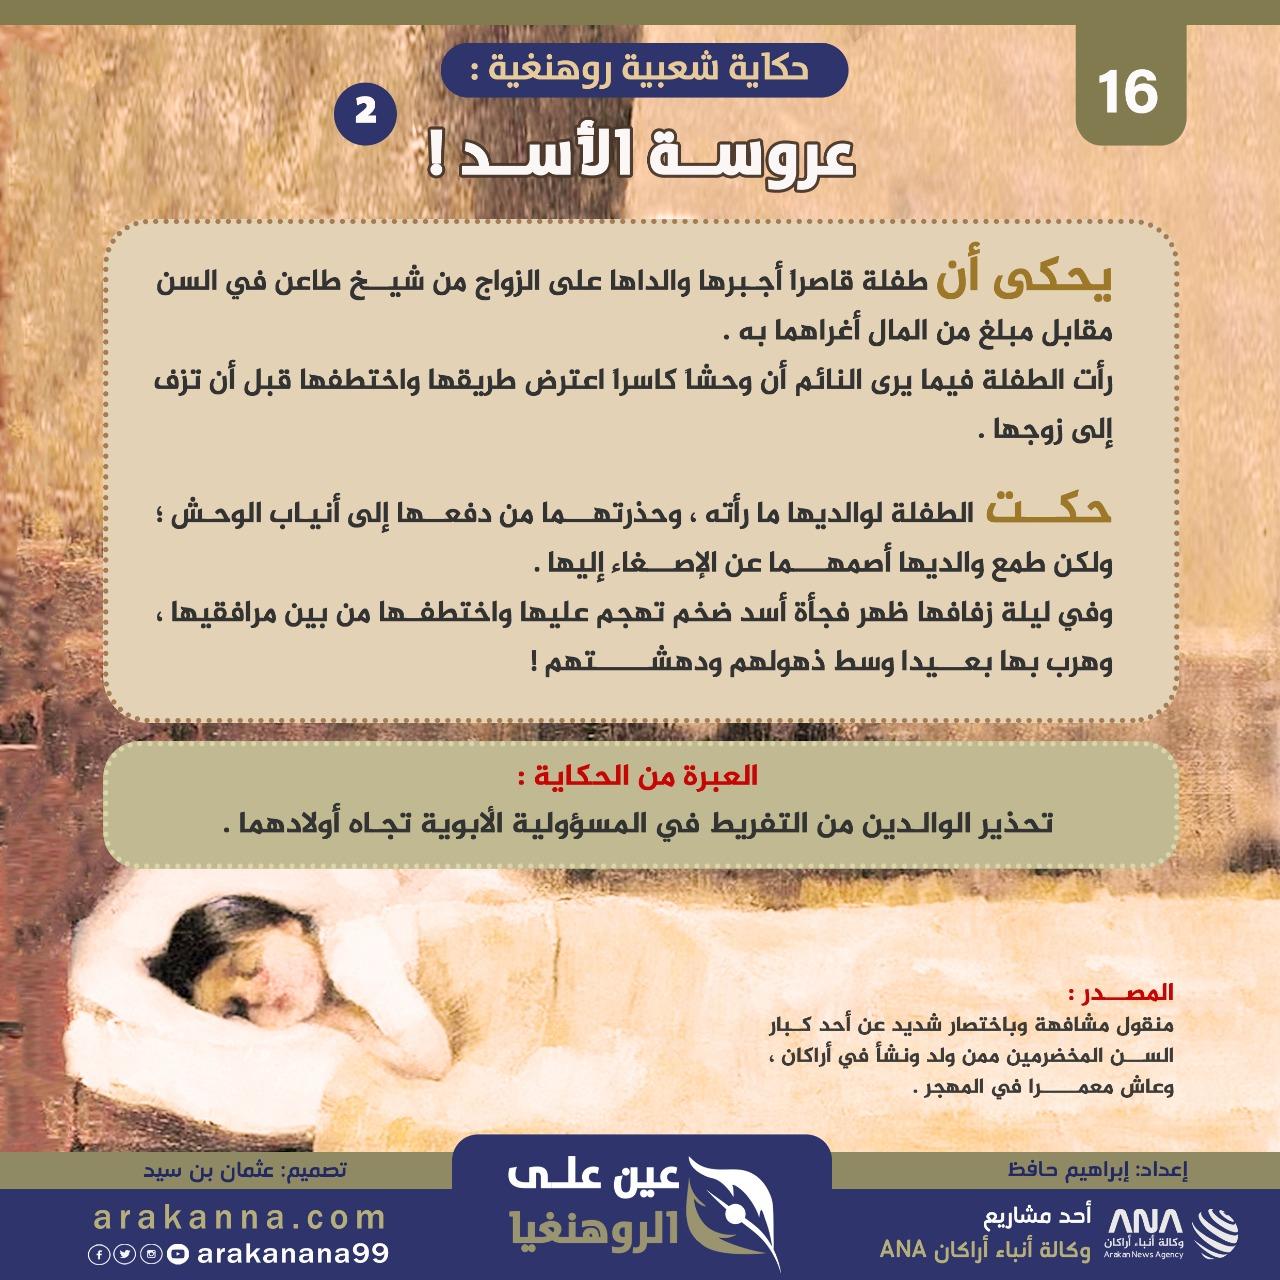 عين على الروهنغيا | 16  حكاية شعبية روهنغية ( ٢ )  عروسة الأسد!